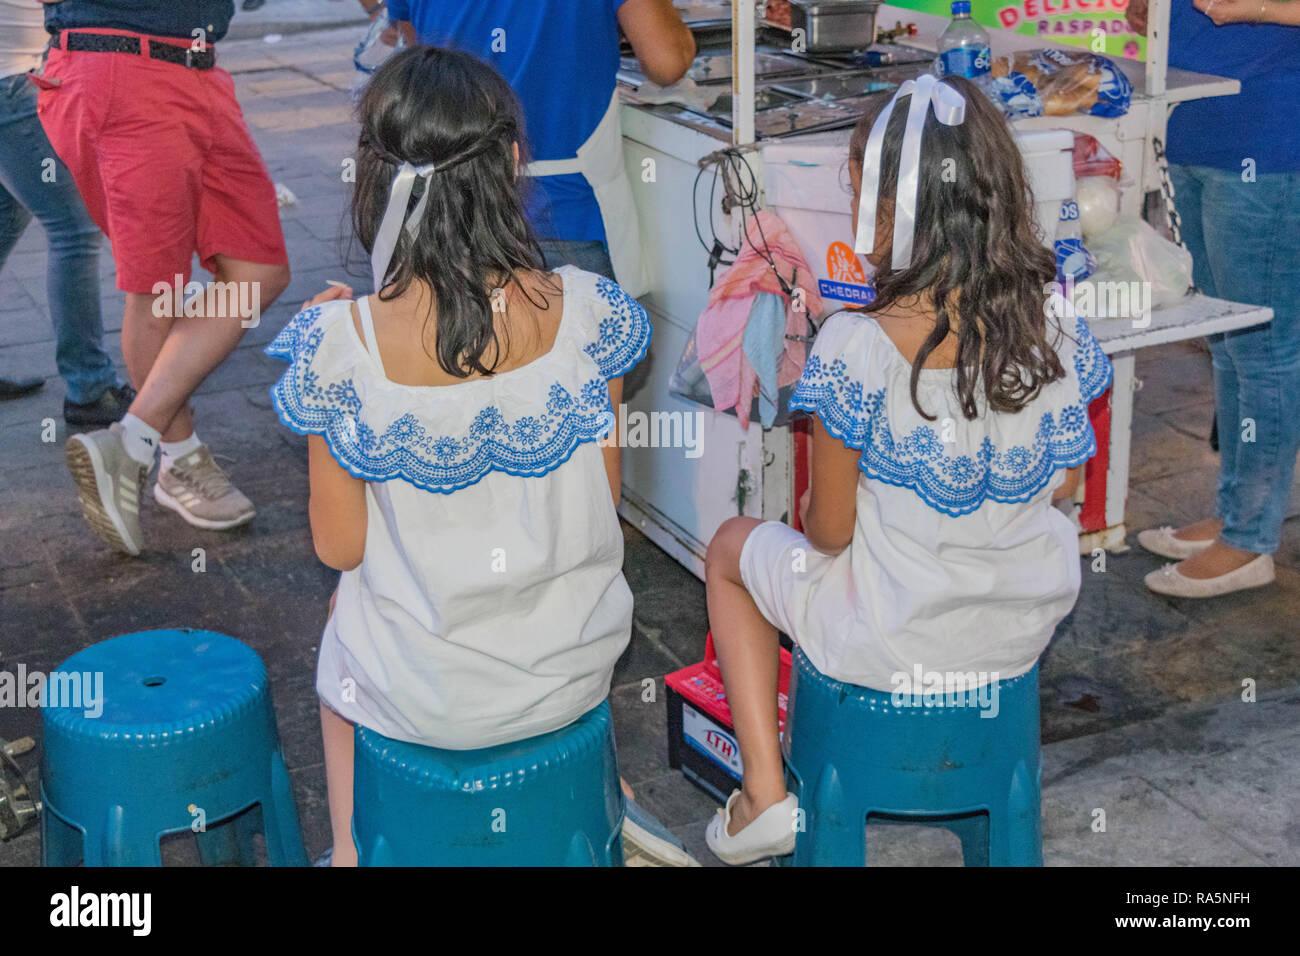 Due giovani ragazze in identici abiti di colore bianco con ricamo blu, seduti a un cibo in stallo sulla strada, in Oaxaca, Messico Immagini Stock